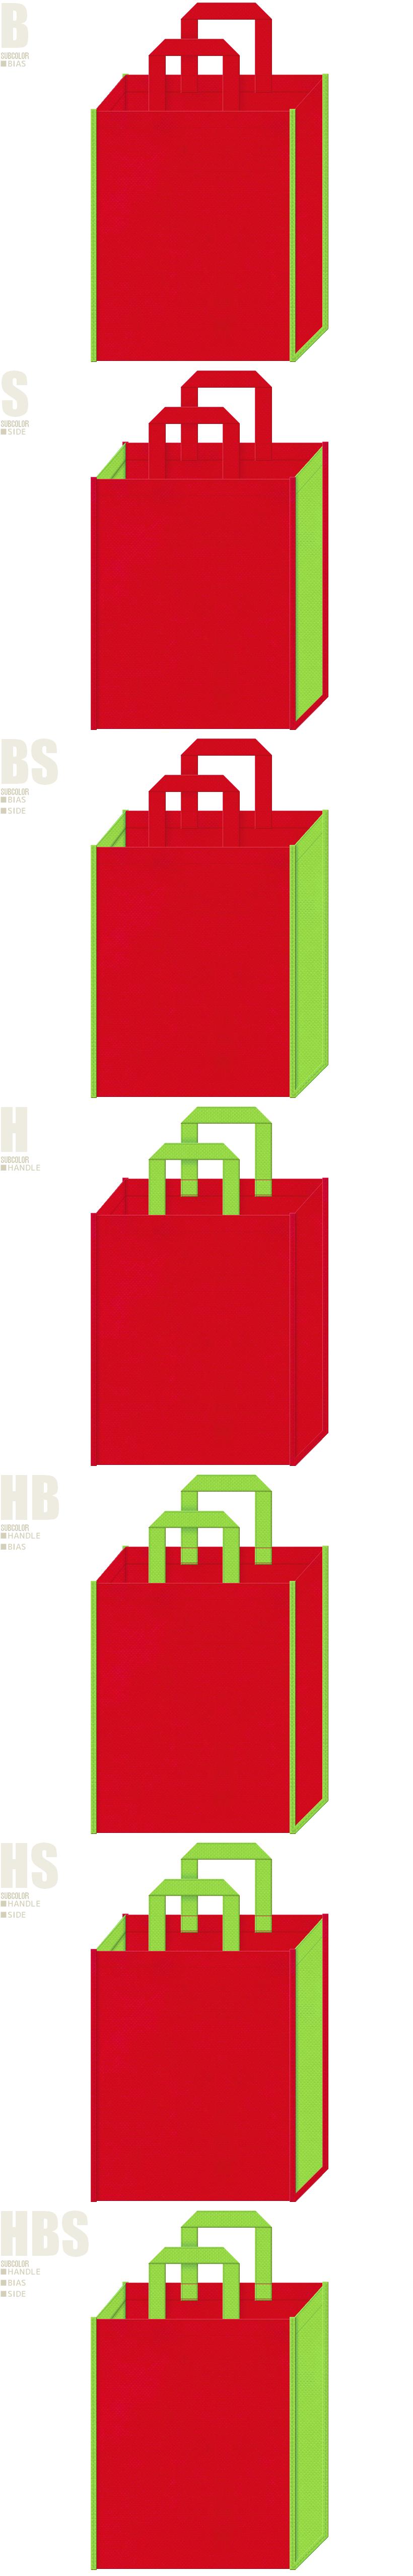 不織布バッグのデザイン:紅色と黄緑色の配色7パターン